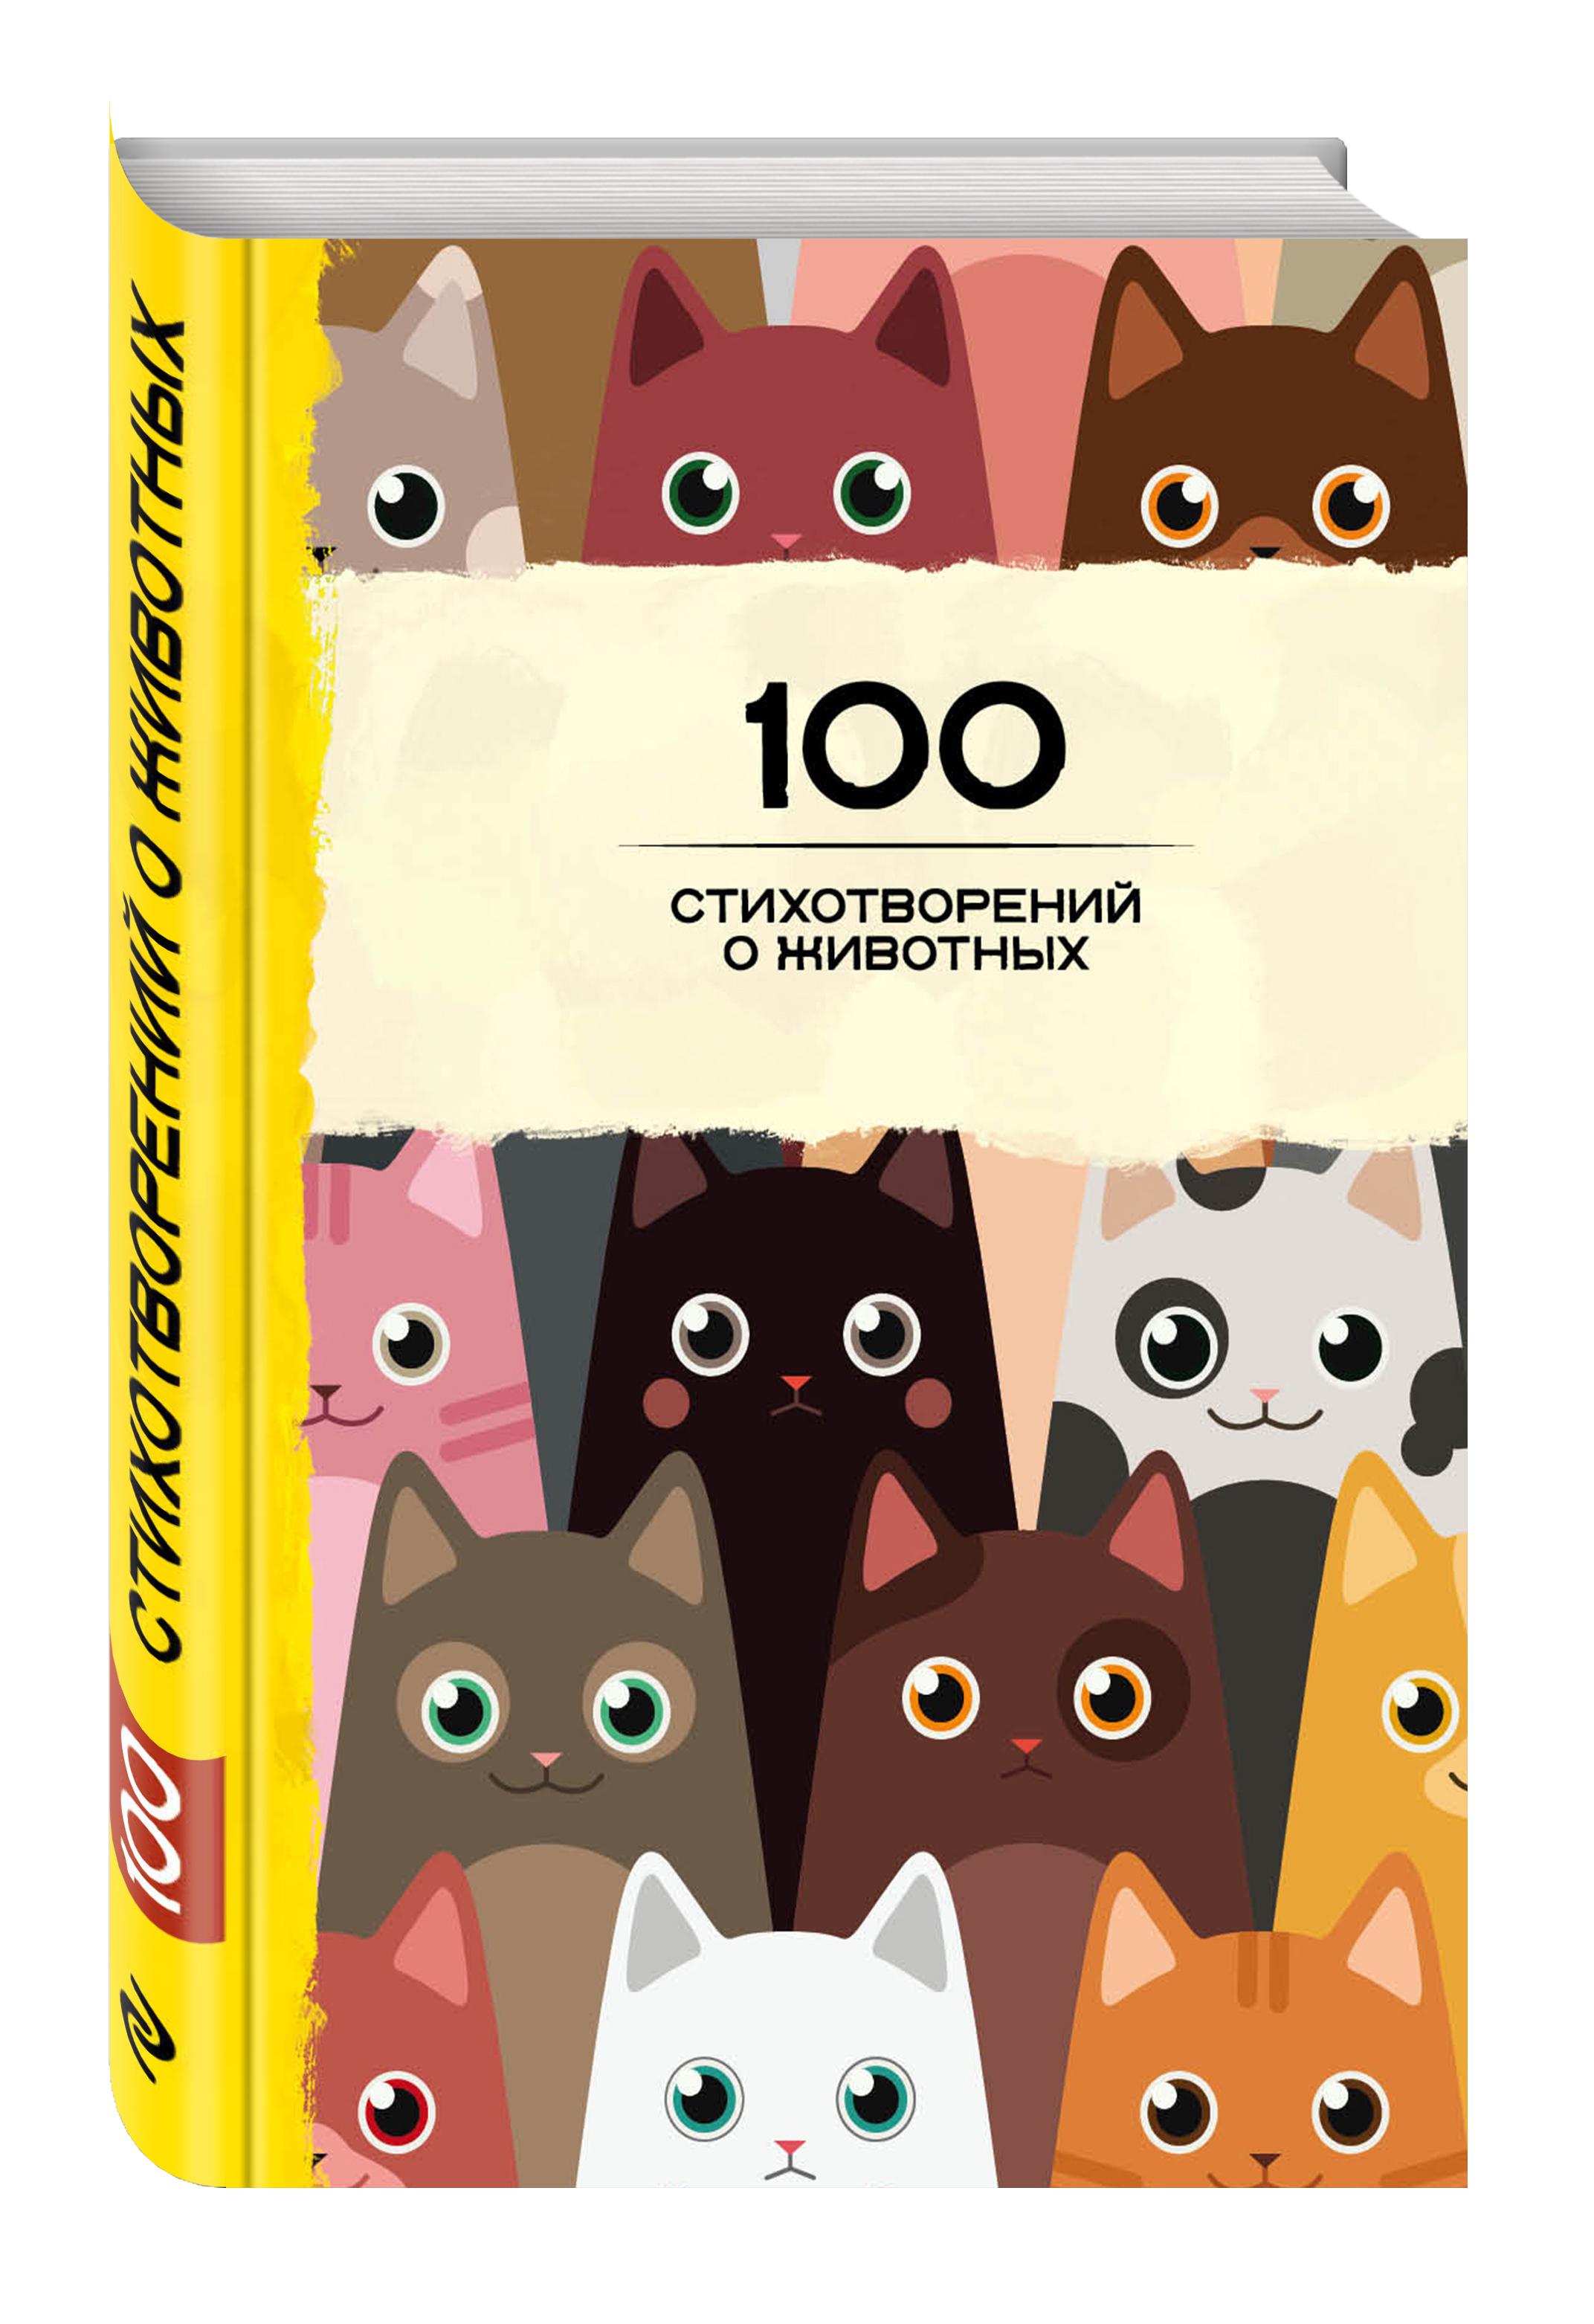 Пушкин А.С., Блок А.А., Ахматова А.А. и др. 100 стихотворений о животных